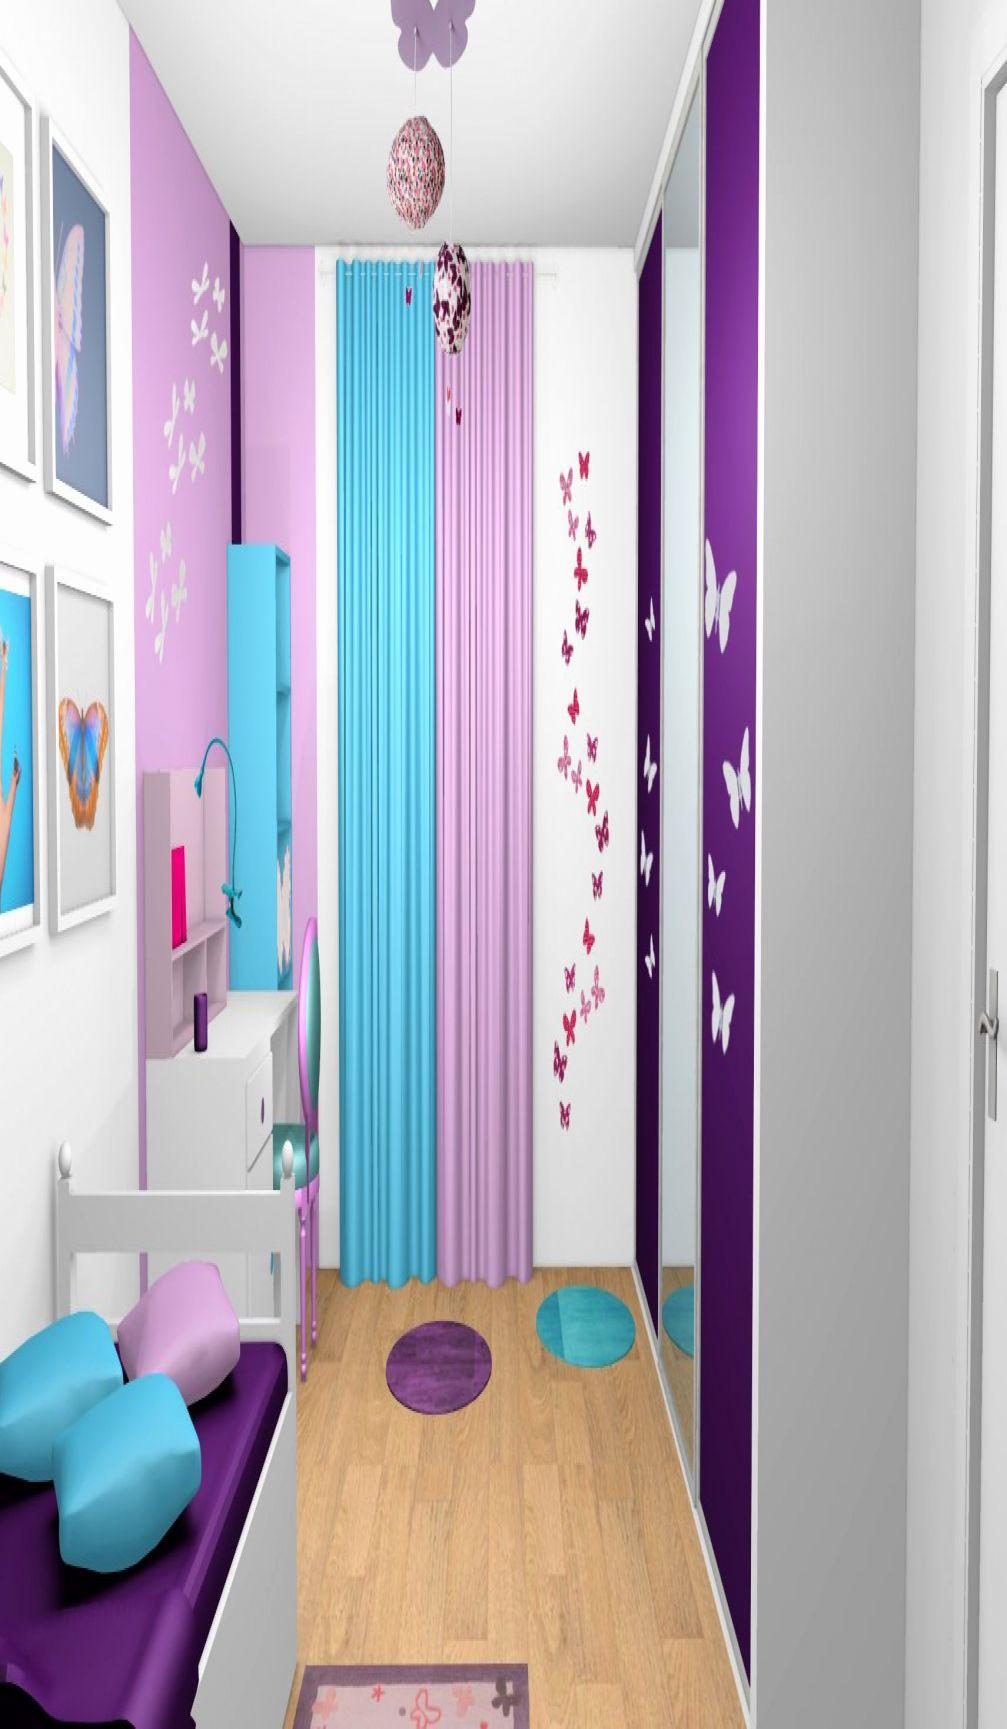 Inspirant Deco Chambre London Fille In 2020 Home Decor House